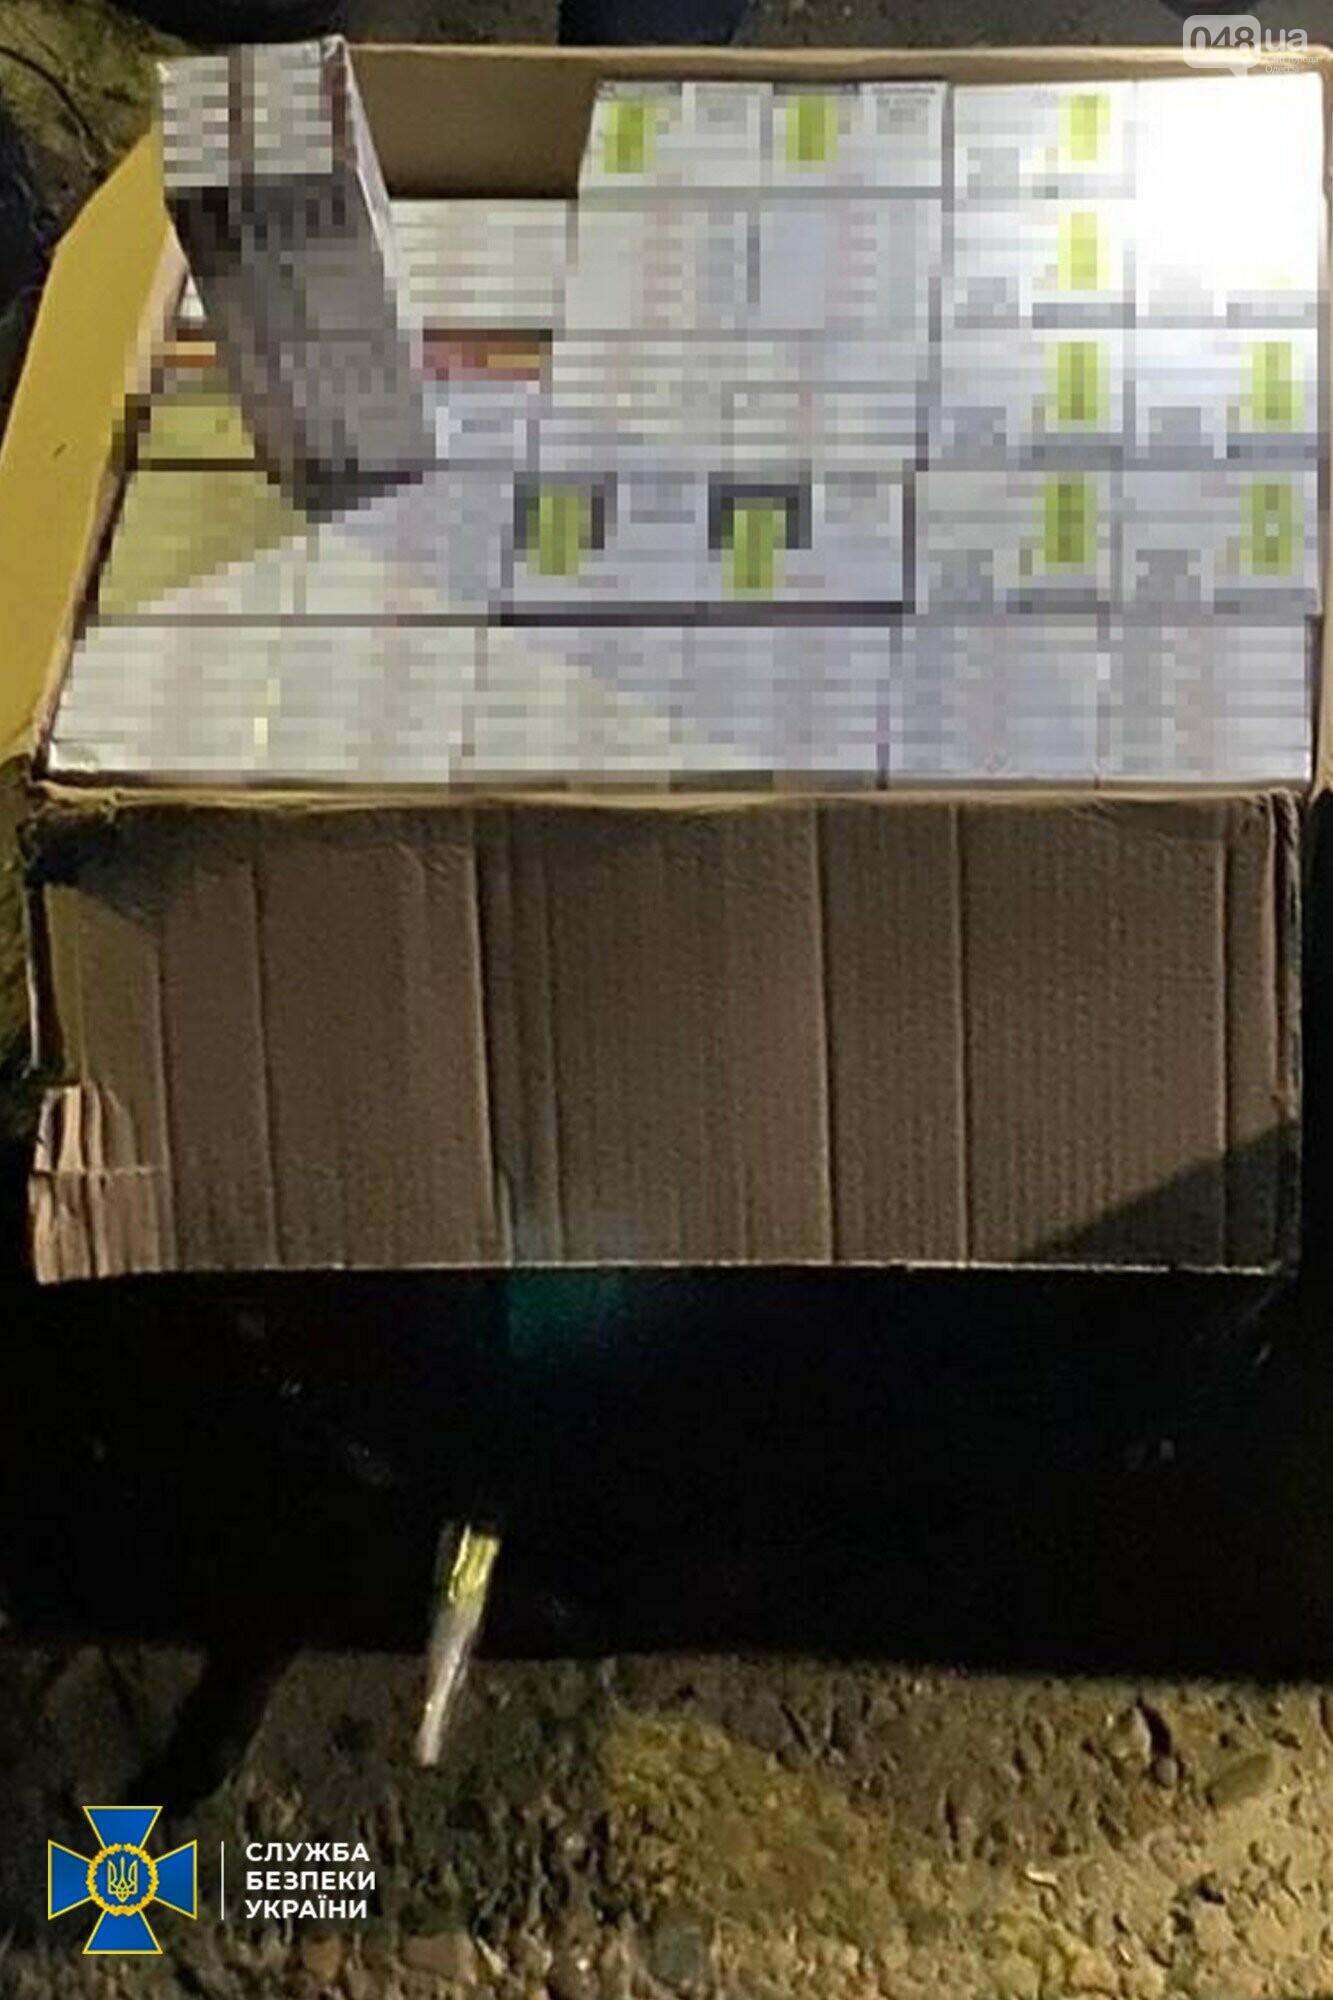 Оружие, контрабанда и нелегалы: сотрудники СБУ разоблачили международную преступную группу, - ФОТО, фото-2